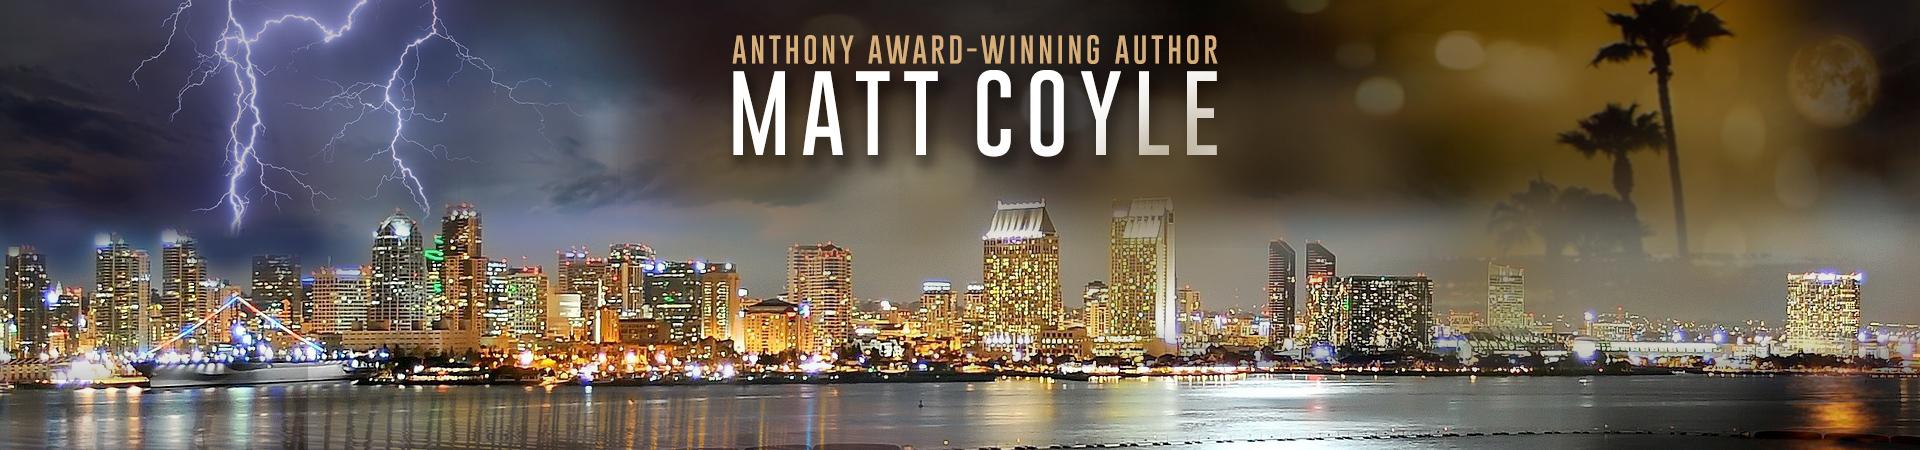 Matt Coyle Books